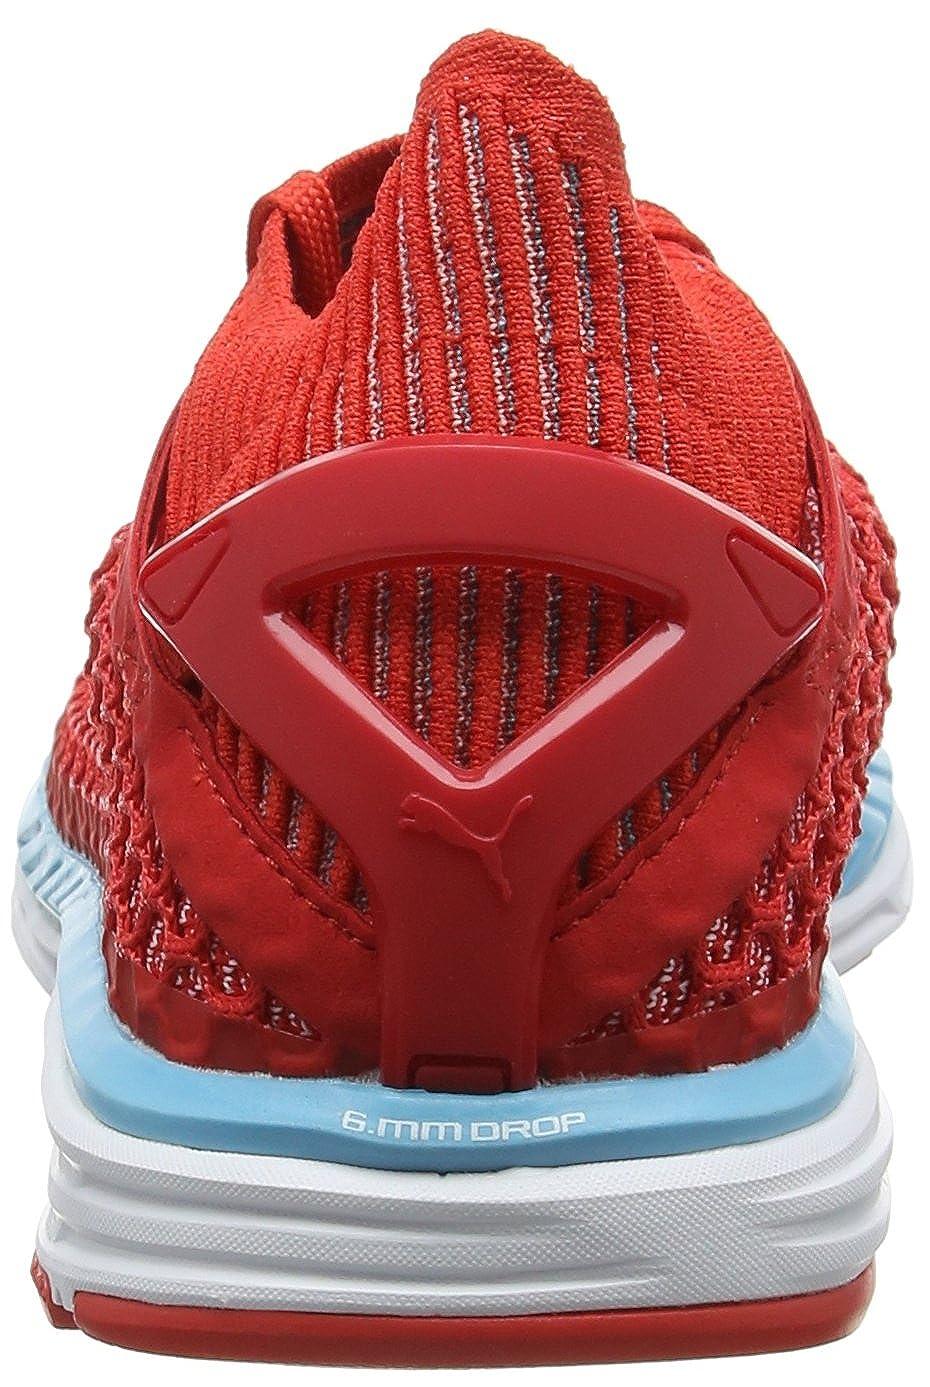 Puma Speed Ignite Netfit, Zapatillas De Deporte para Exterior para Mujer: Amazon.es: Zapatos y complementos